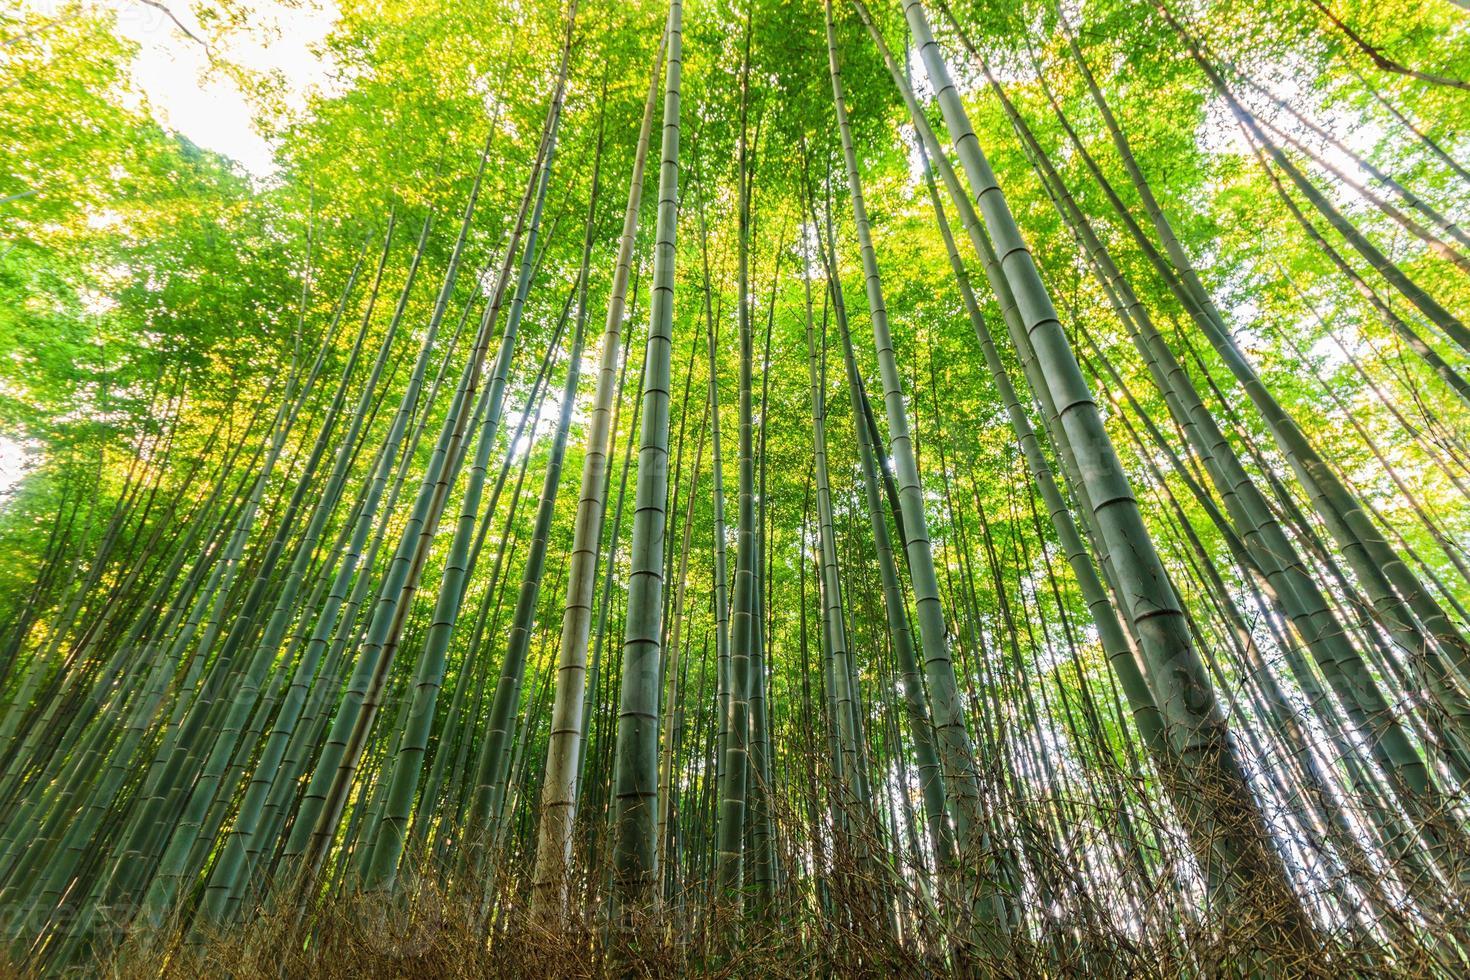 bosques de bambu, floresta de bambu. foto